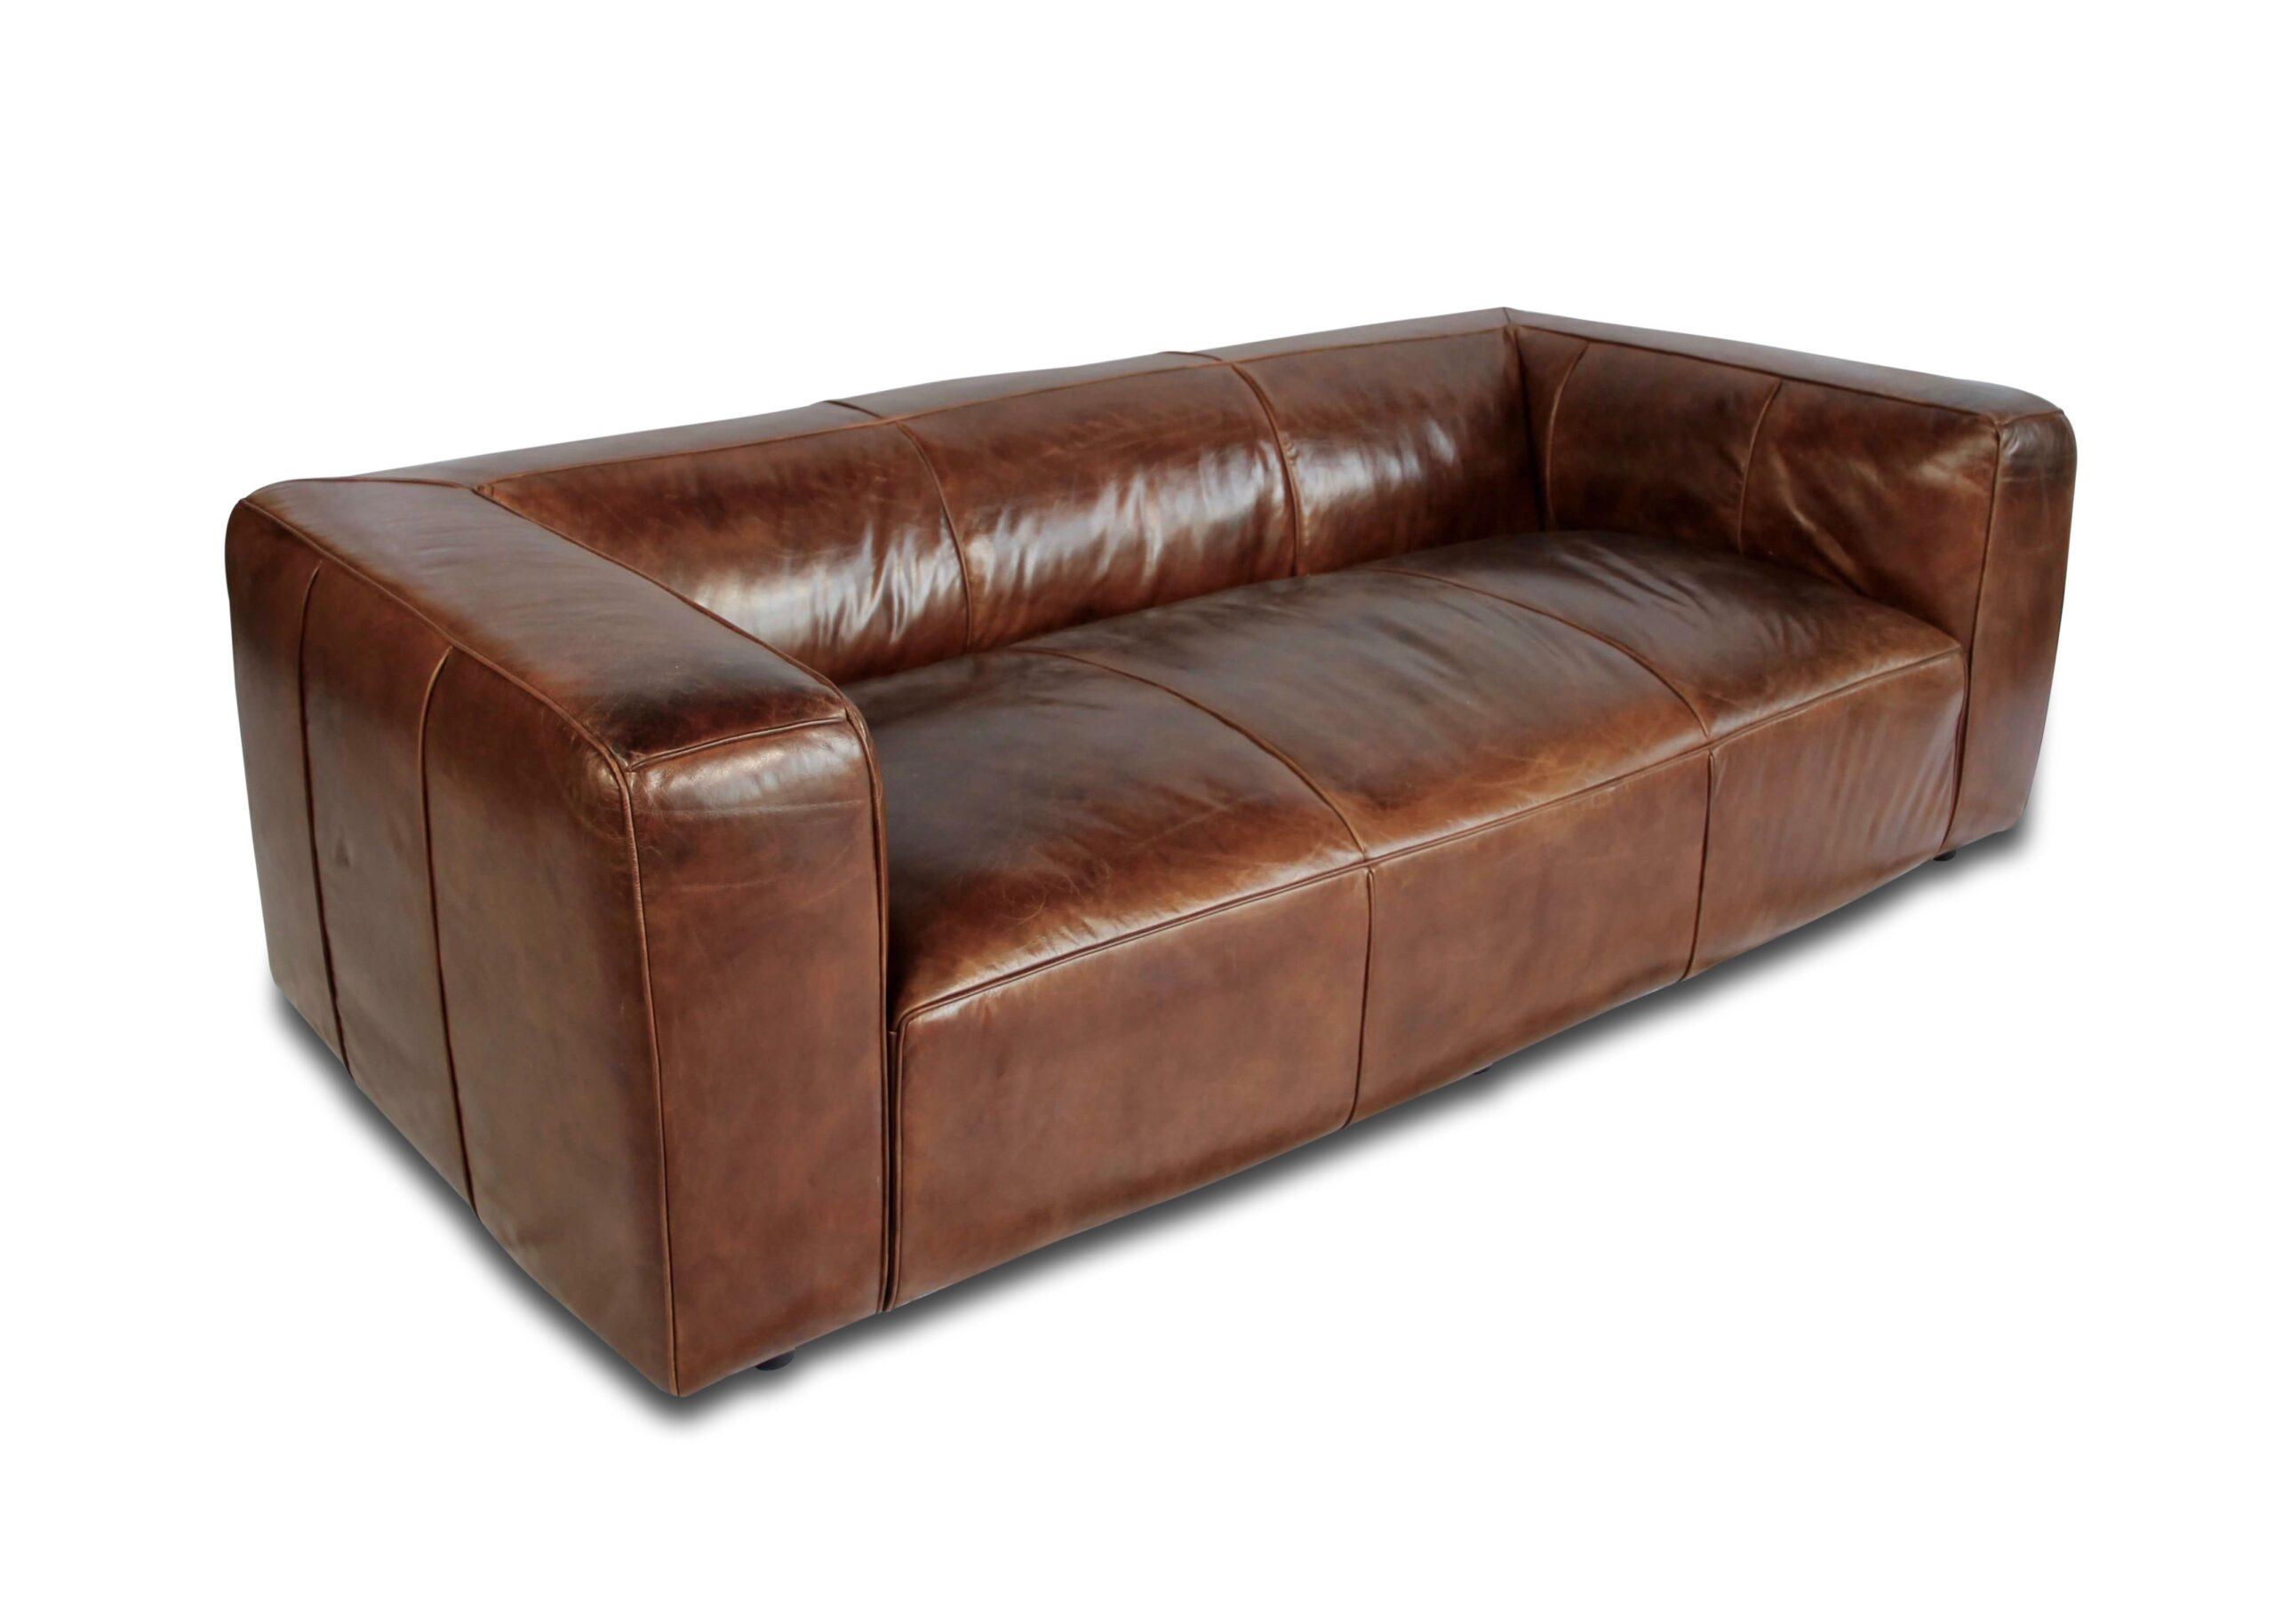 Full Size of Sofa Englisch 3 Sitzer Bequeme Leder Braun Alt Modernes Design Und Rein Boxspring Mit Schlaffunktion Togo Sitzhöhe 55 Cm Kinderzimmer Stressless Esszimmer Sofa Sofa Englisch